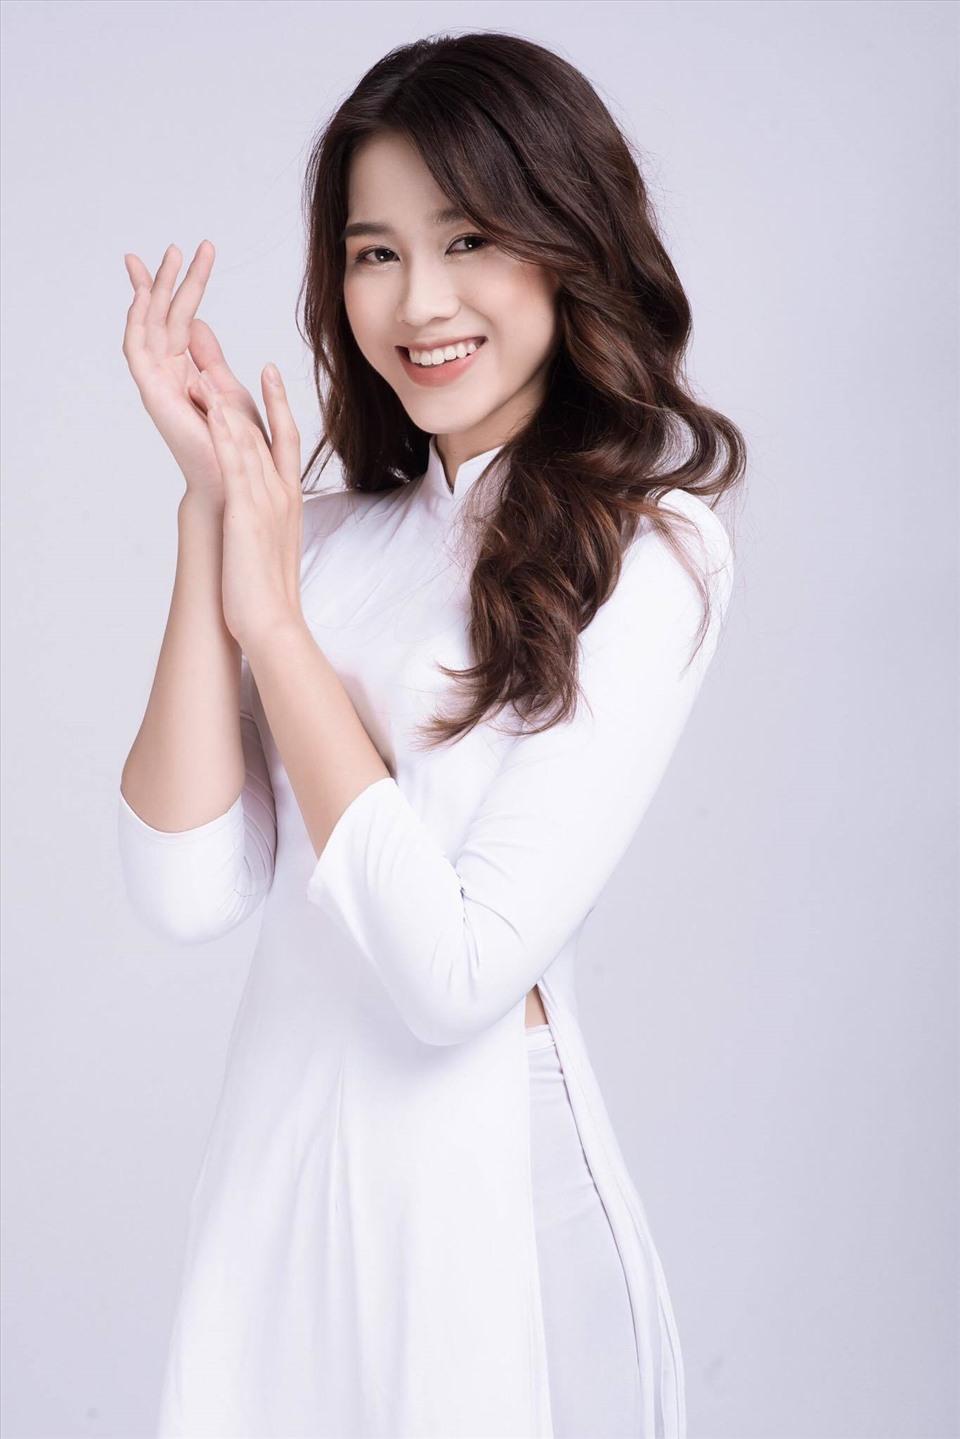 Tân Hoa hậu được khen có gương mặt khá trong sáng, thanh thoát với sống mũi cao. Cô cũng có nụ cười tươi tắn dù hàm răng chưa thực sự hoàn thiện.